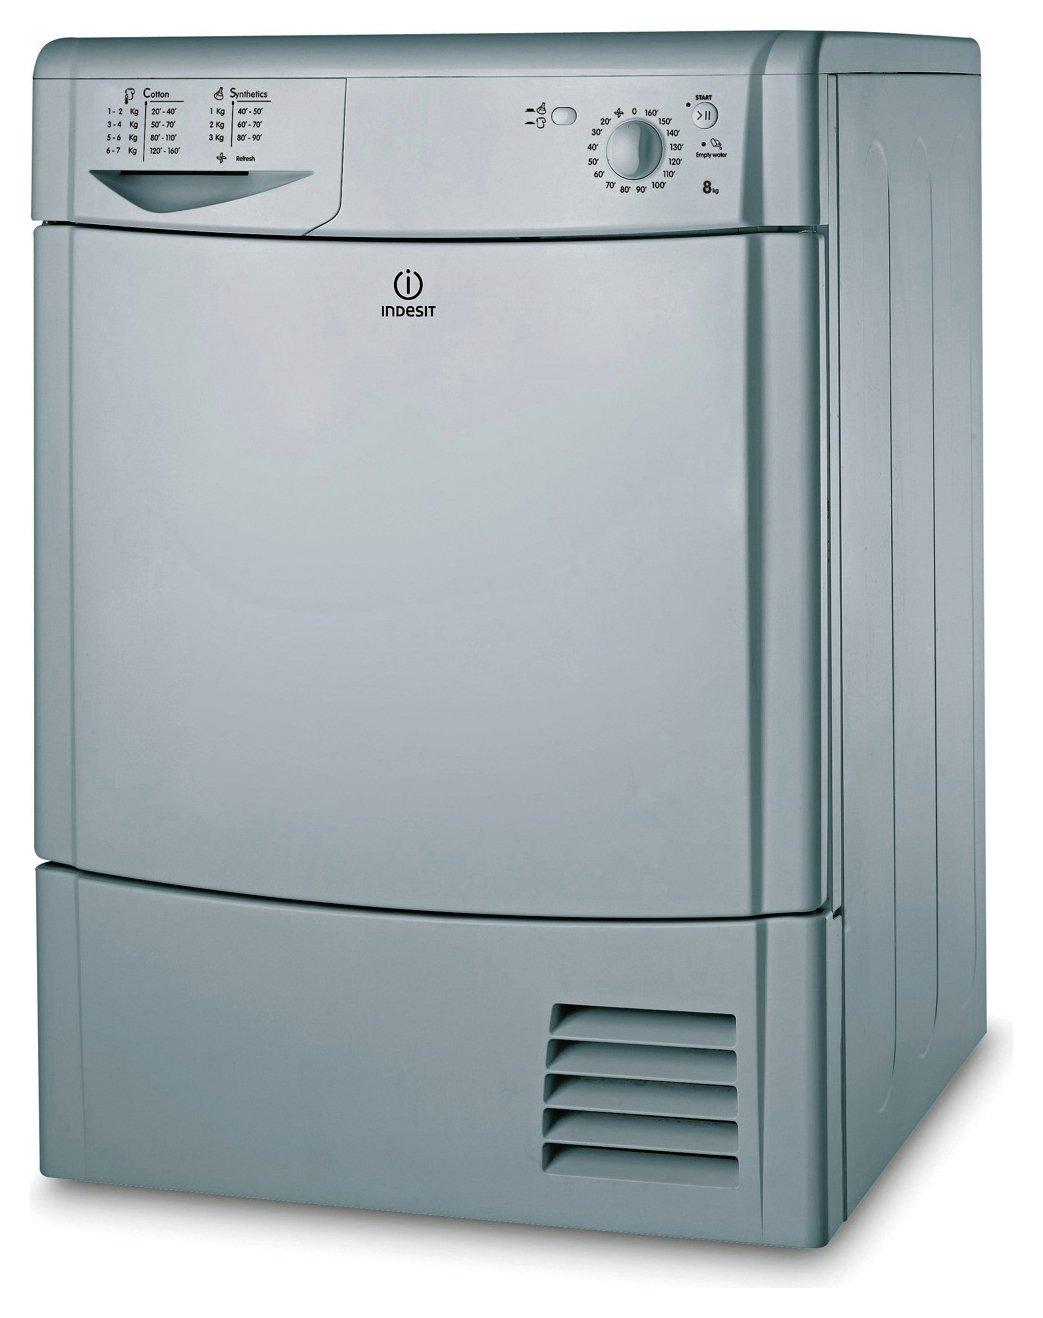 Indesit IDC8T3BS 8KG Condenser Tumble Dryer - Silver